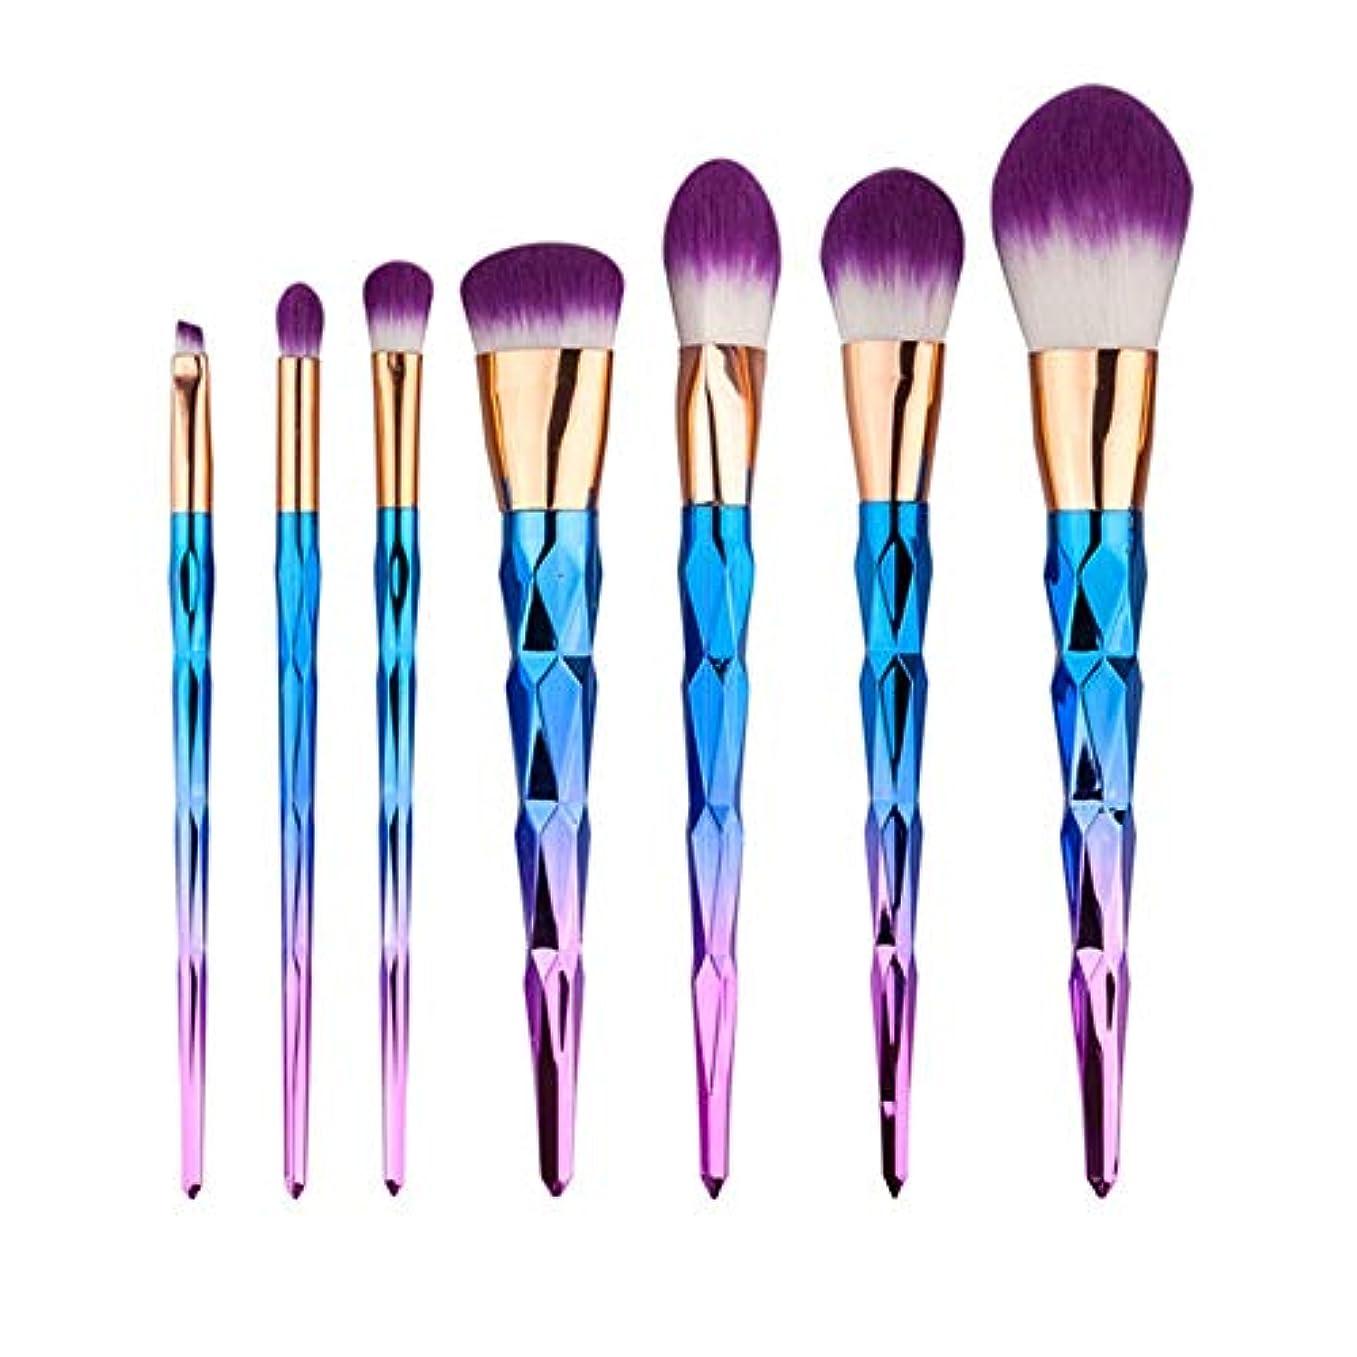 Makeup brushes 7.グラデーションダイヤモンドドリルブラシセットユニコーンの美しさとメイクアップツール suits (Color : Rainbow)